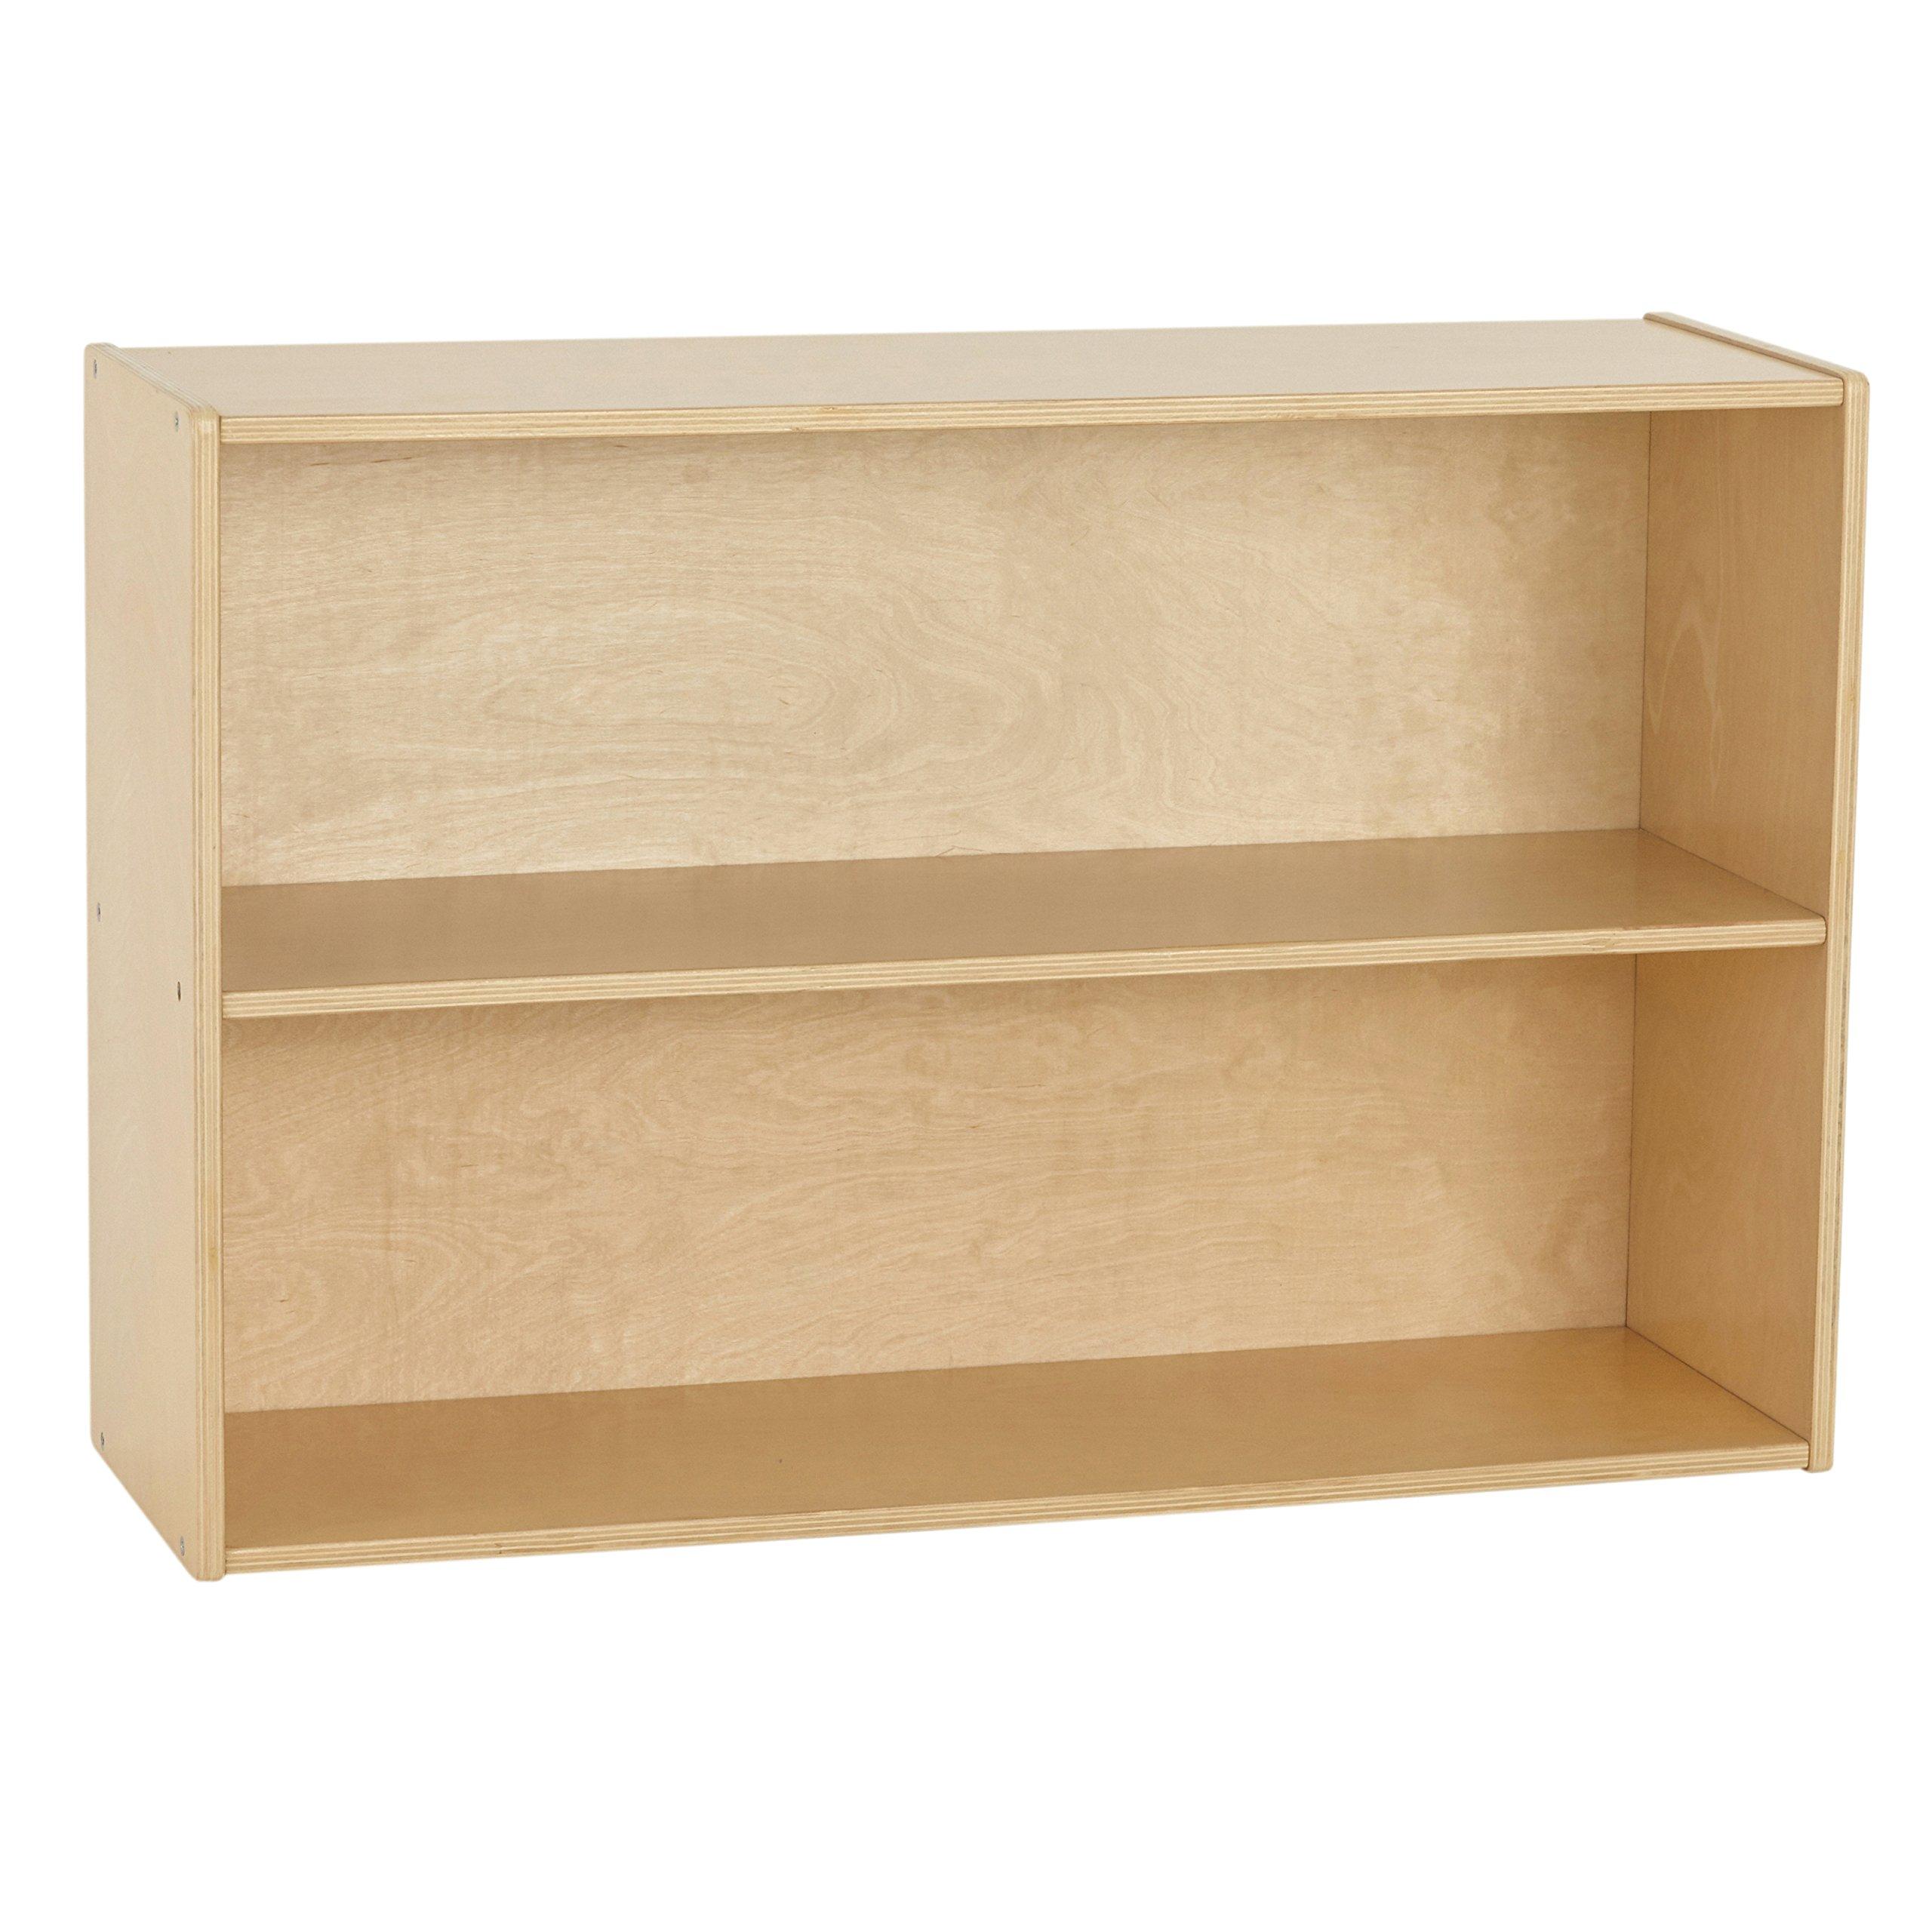 ECR4Kids Birch Wood Streamline 2-Shelf Storage Cabinet with Back, 24 Inches Tall